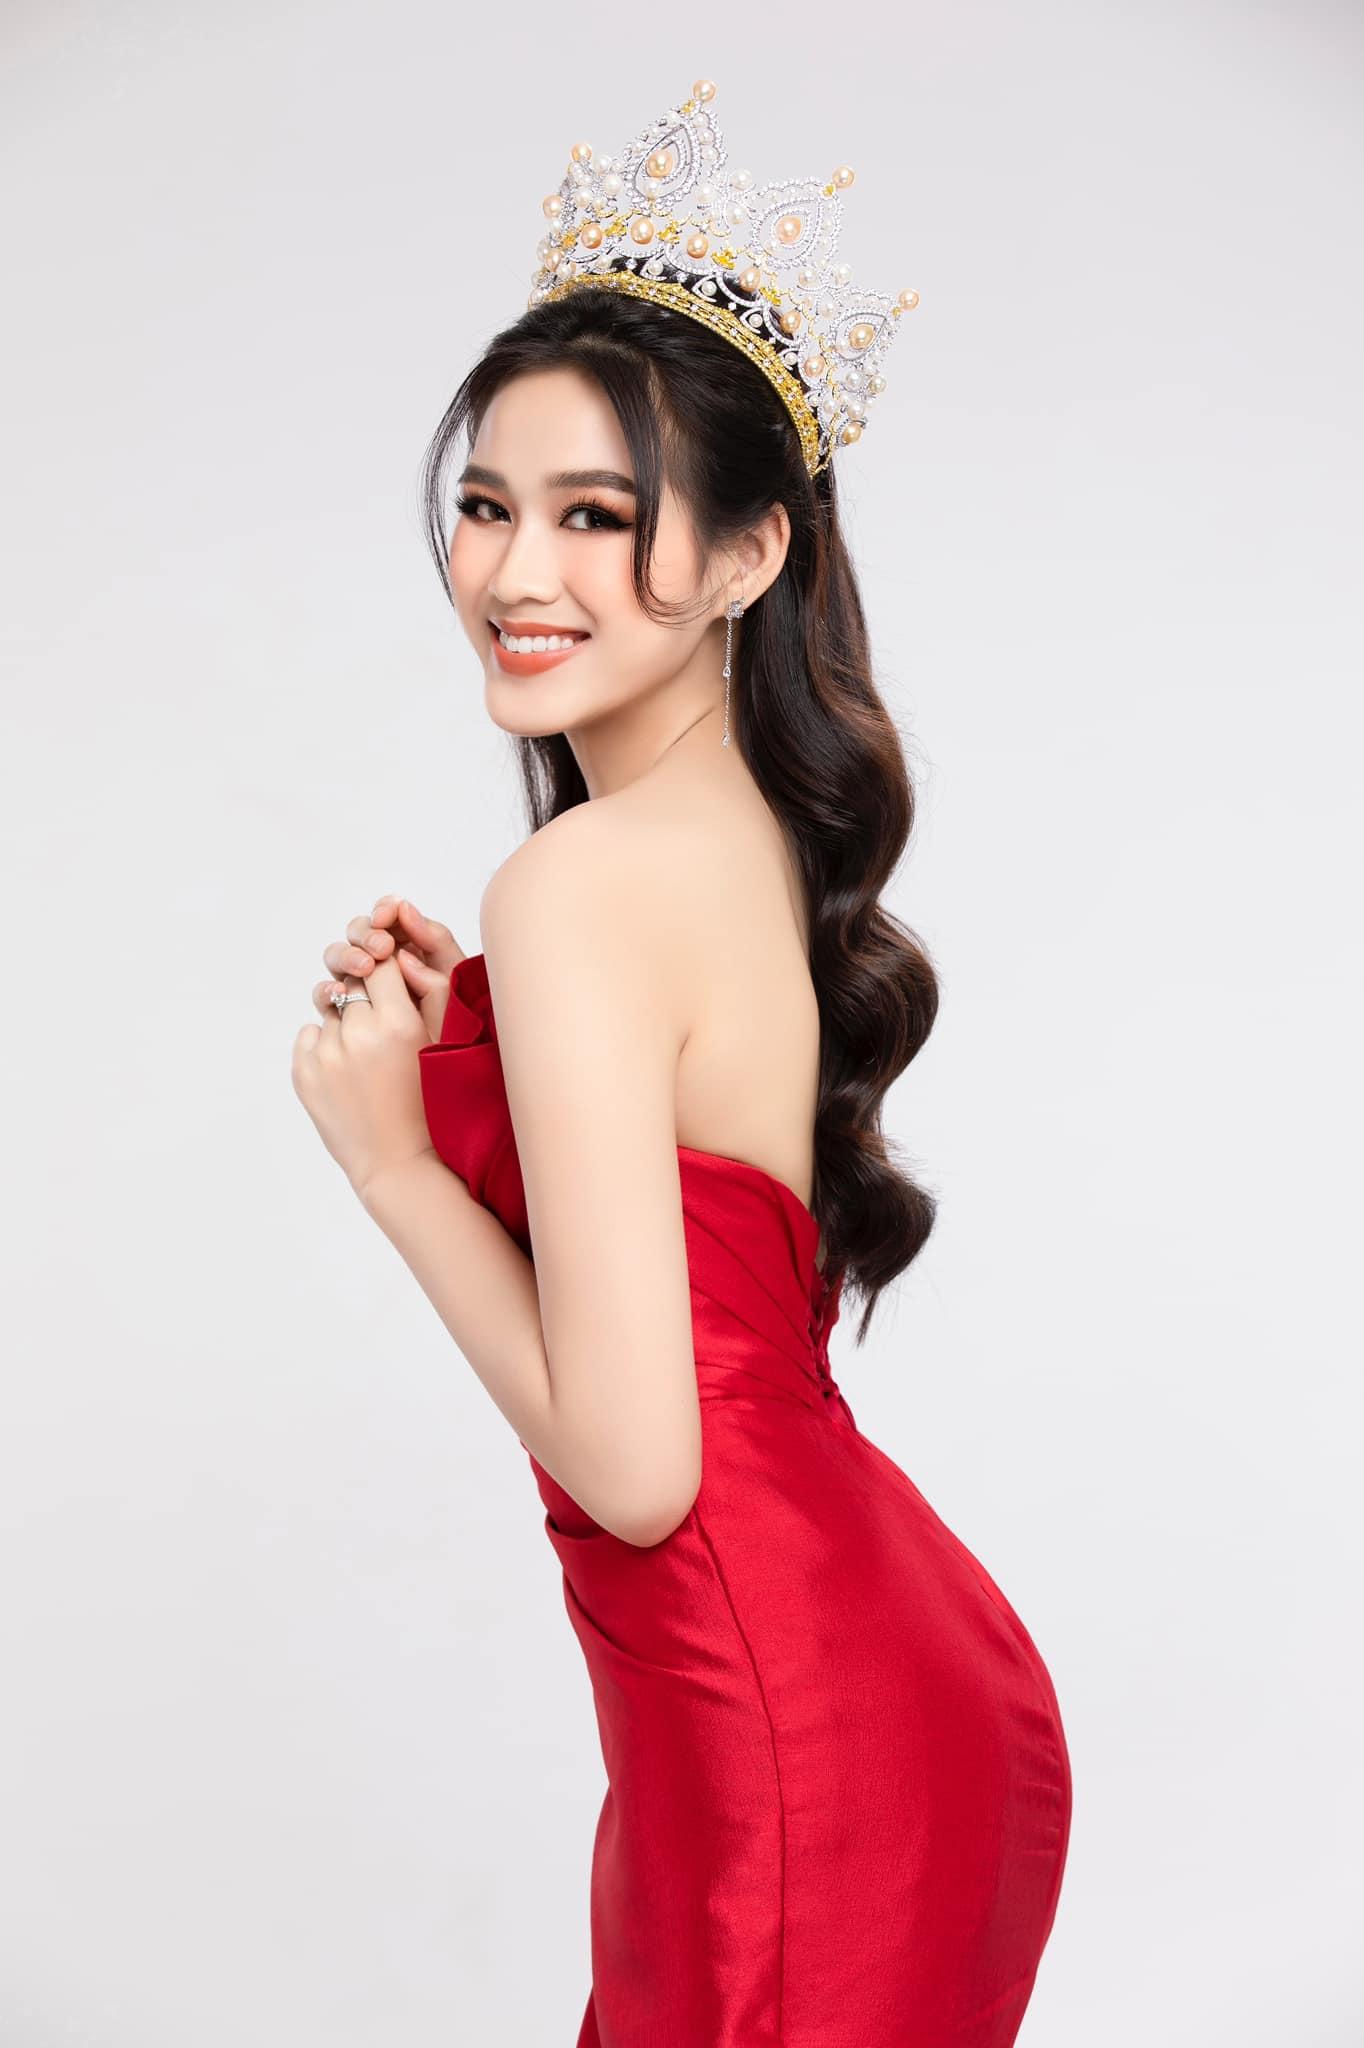 """Hoa hậu Đỗ Thị Hà tiết lộ từng phải làm việc này trong """"căn phòng bí mật"""" - 1"""